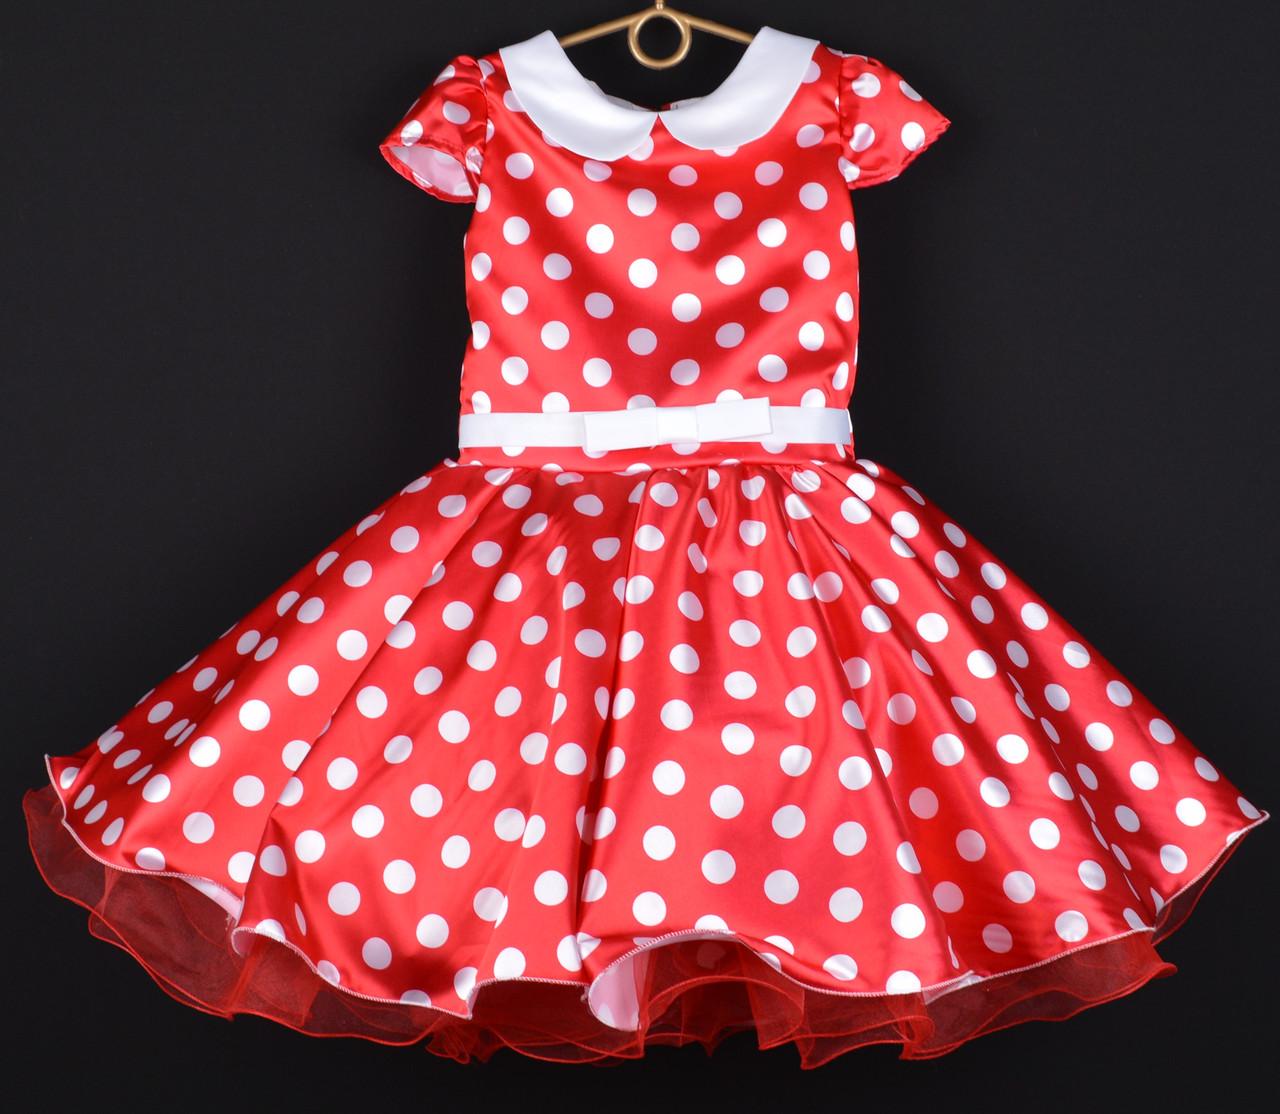 """Платье нарядное детское """"Мини Мики"""" с воротничком. 6-7 лет. Красное в белый горох. Оптом и в розницу"""